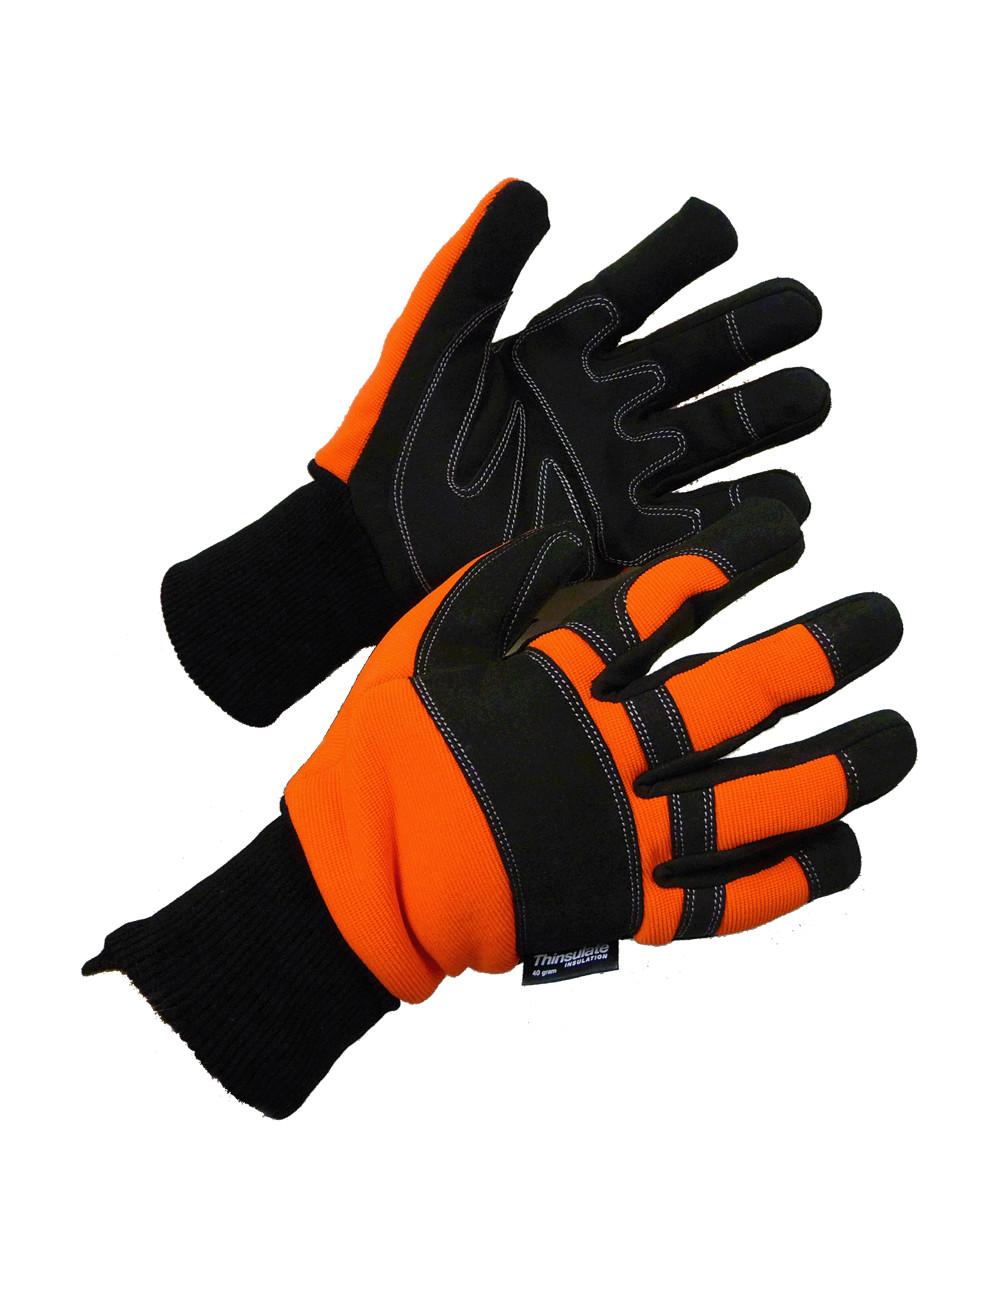 Rękawice TG1 Pro Coldstore